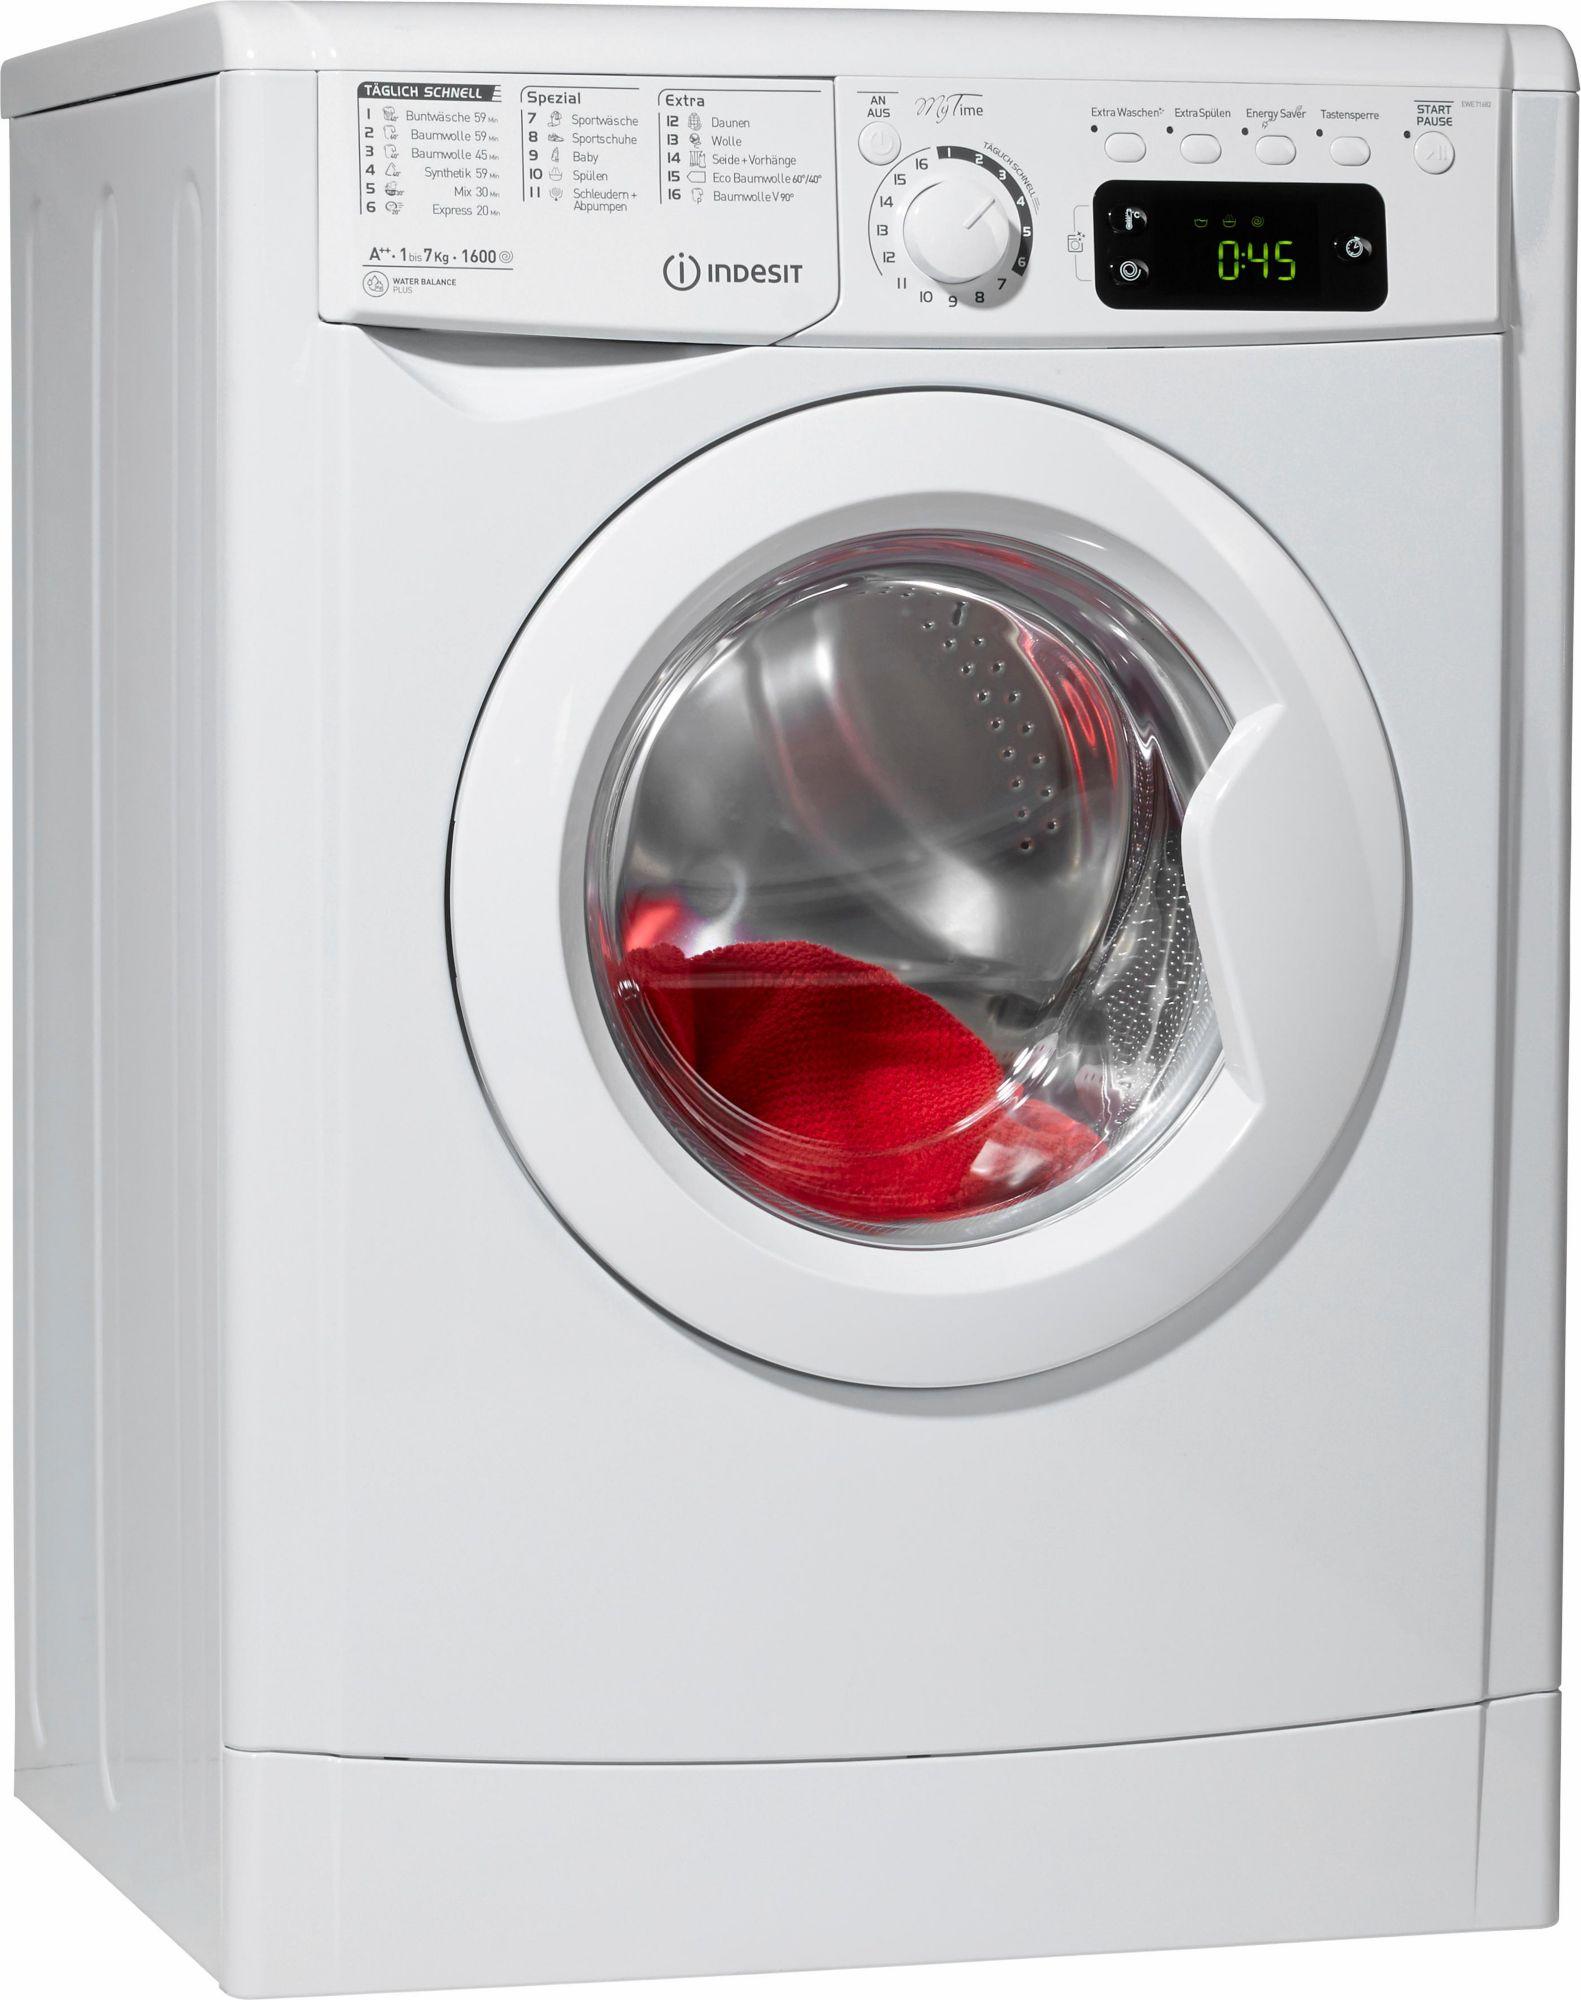 INDESIT Indesit Waschmaschine EWE 71682 W DE, A++, 7 kg, 1600 U/Min